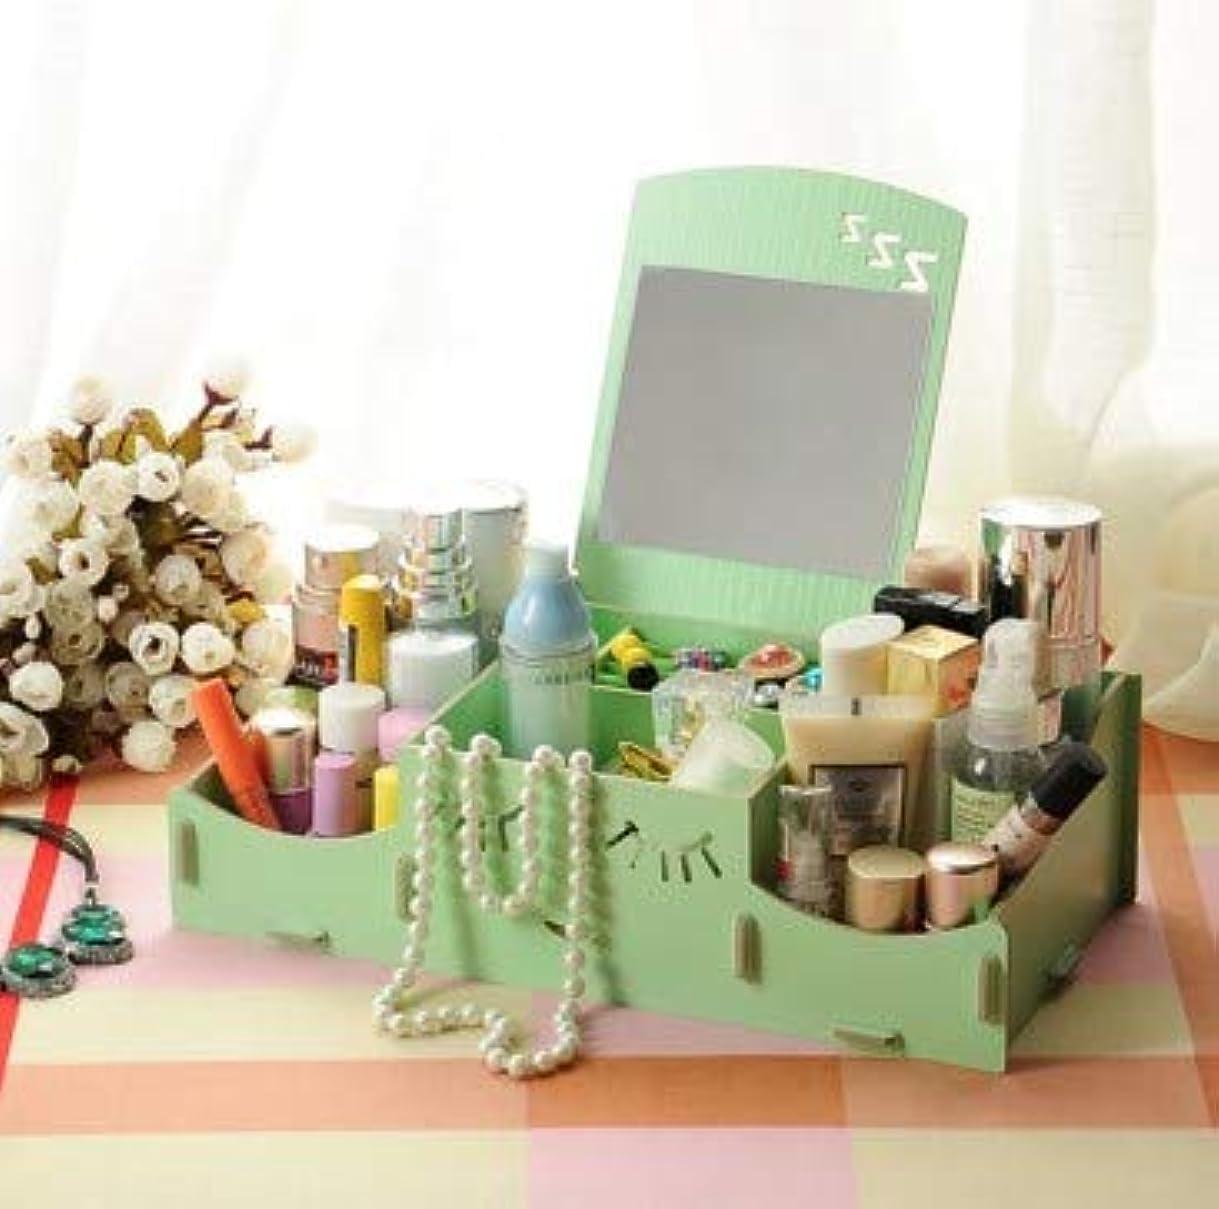 呪い合体まどろみのあるスマイリー木製クリエイティブ収納ボックス手作りデスクトップミラー化粧品収納ボックス化粧品収納ボックス (Color : グリンー)